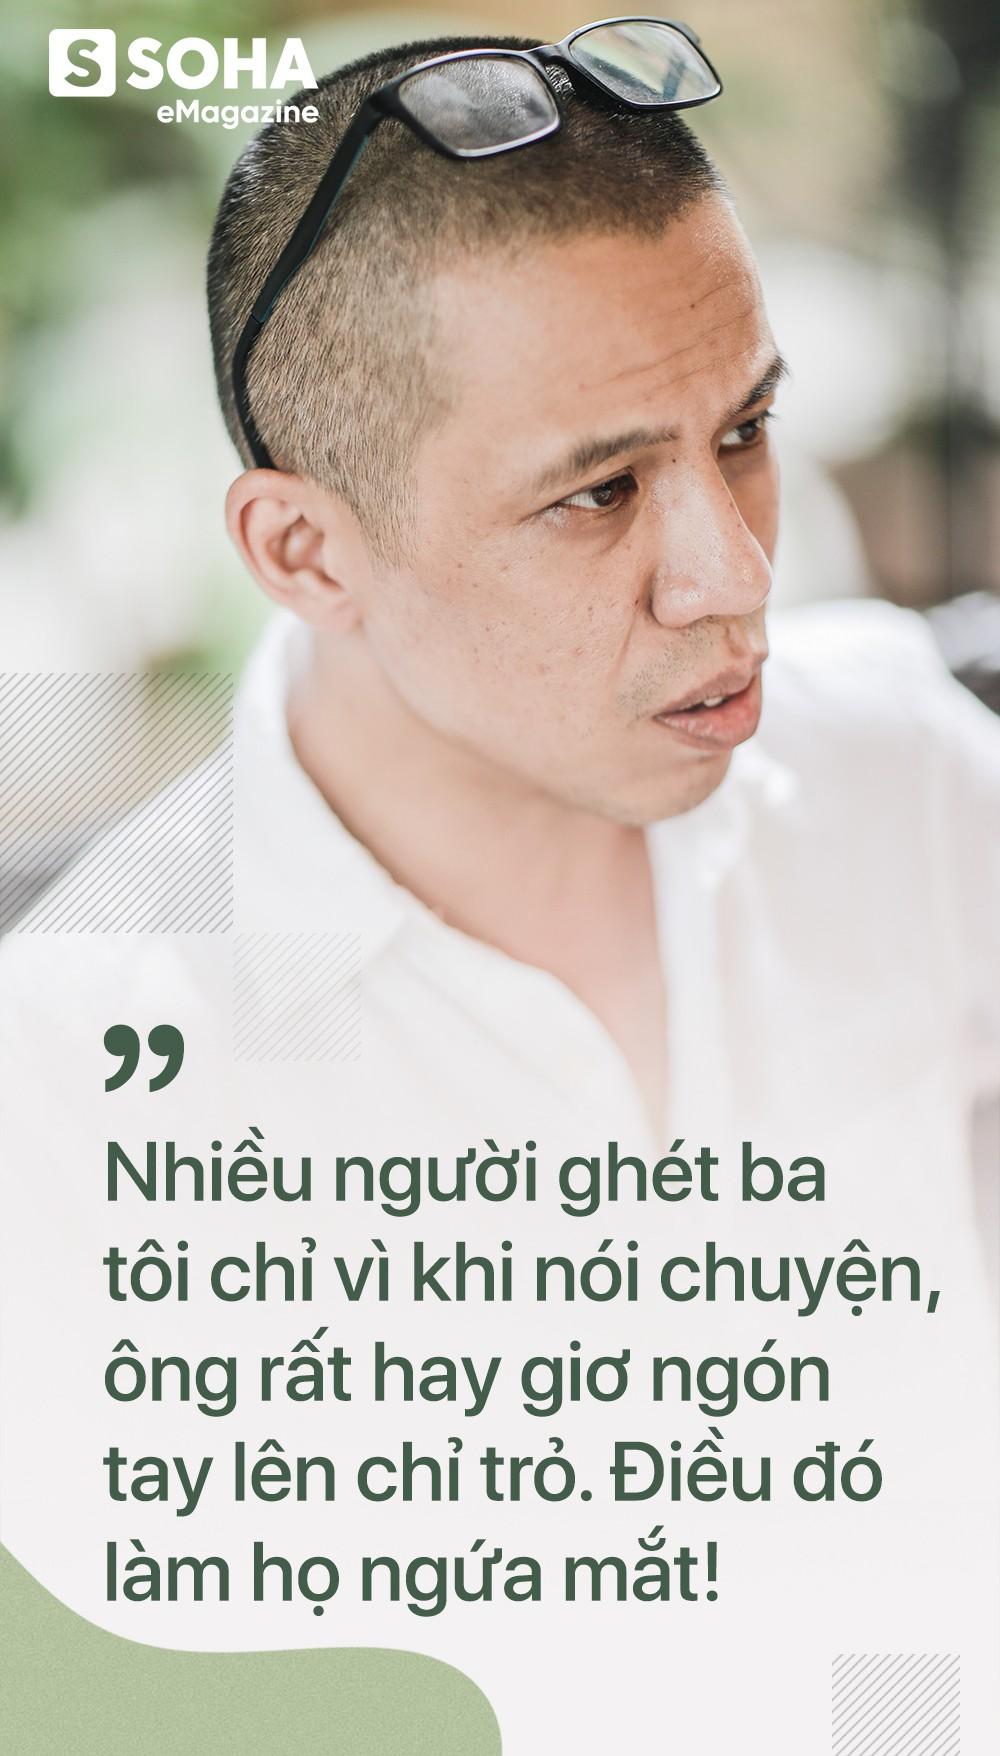 Con trai GS Hồ Ngọc Đại: 'Tôi đã cười không khép được mồm khi ba tôi bị vu là tình báo Trung Quốc' 2